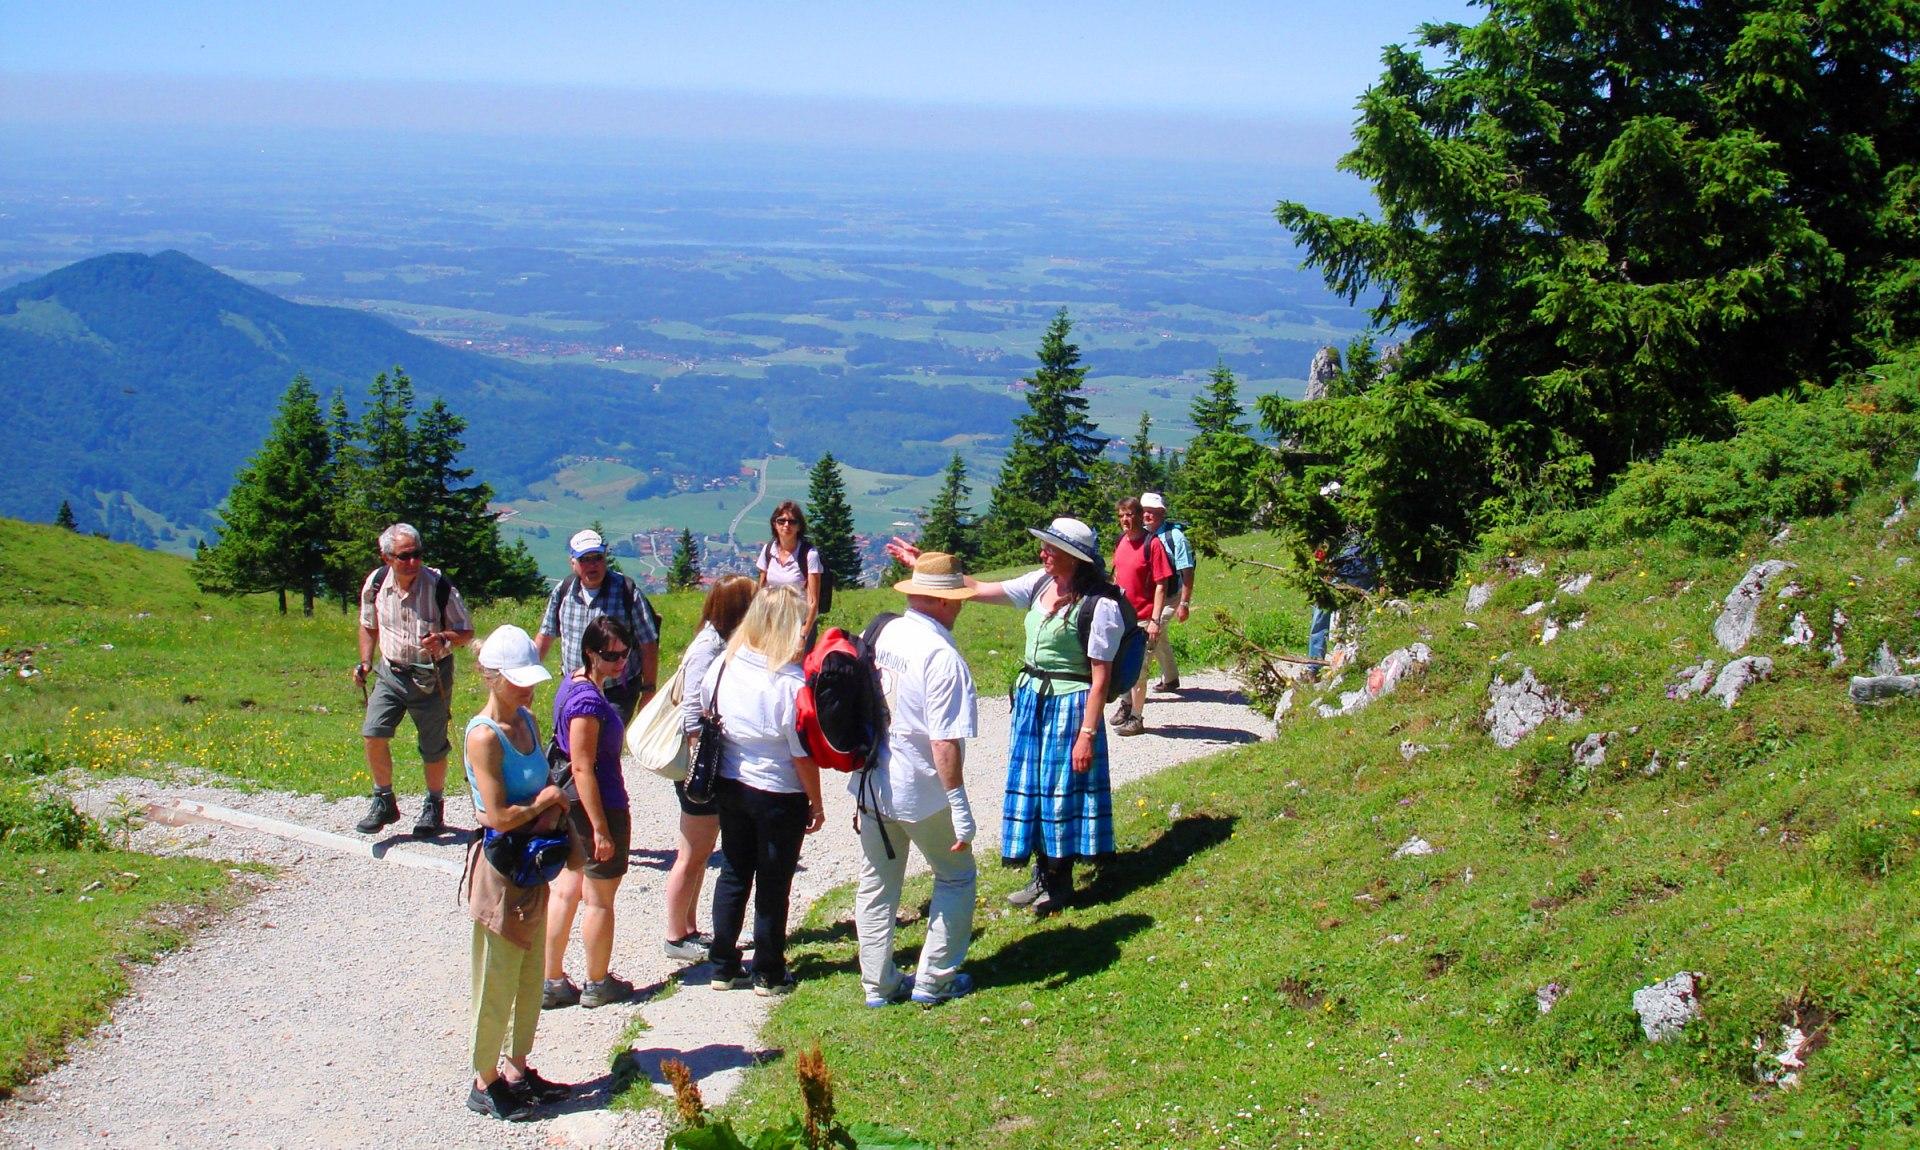 Bergblumenführung auf der Kampenwand, © Tourist Info Aschau i.Ch.